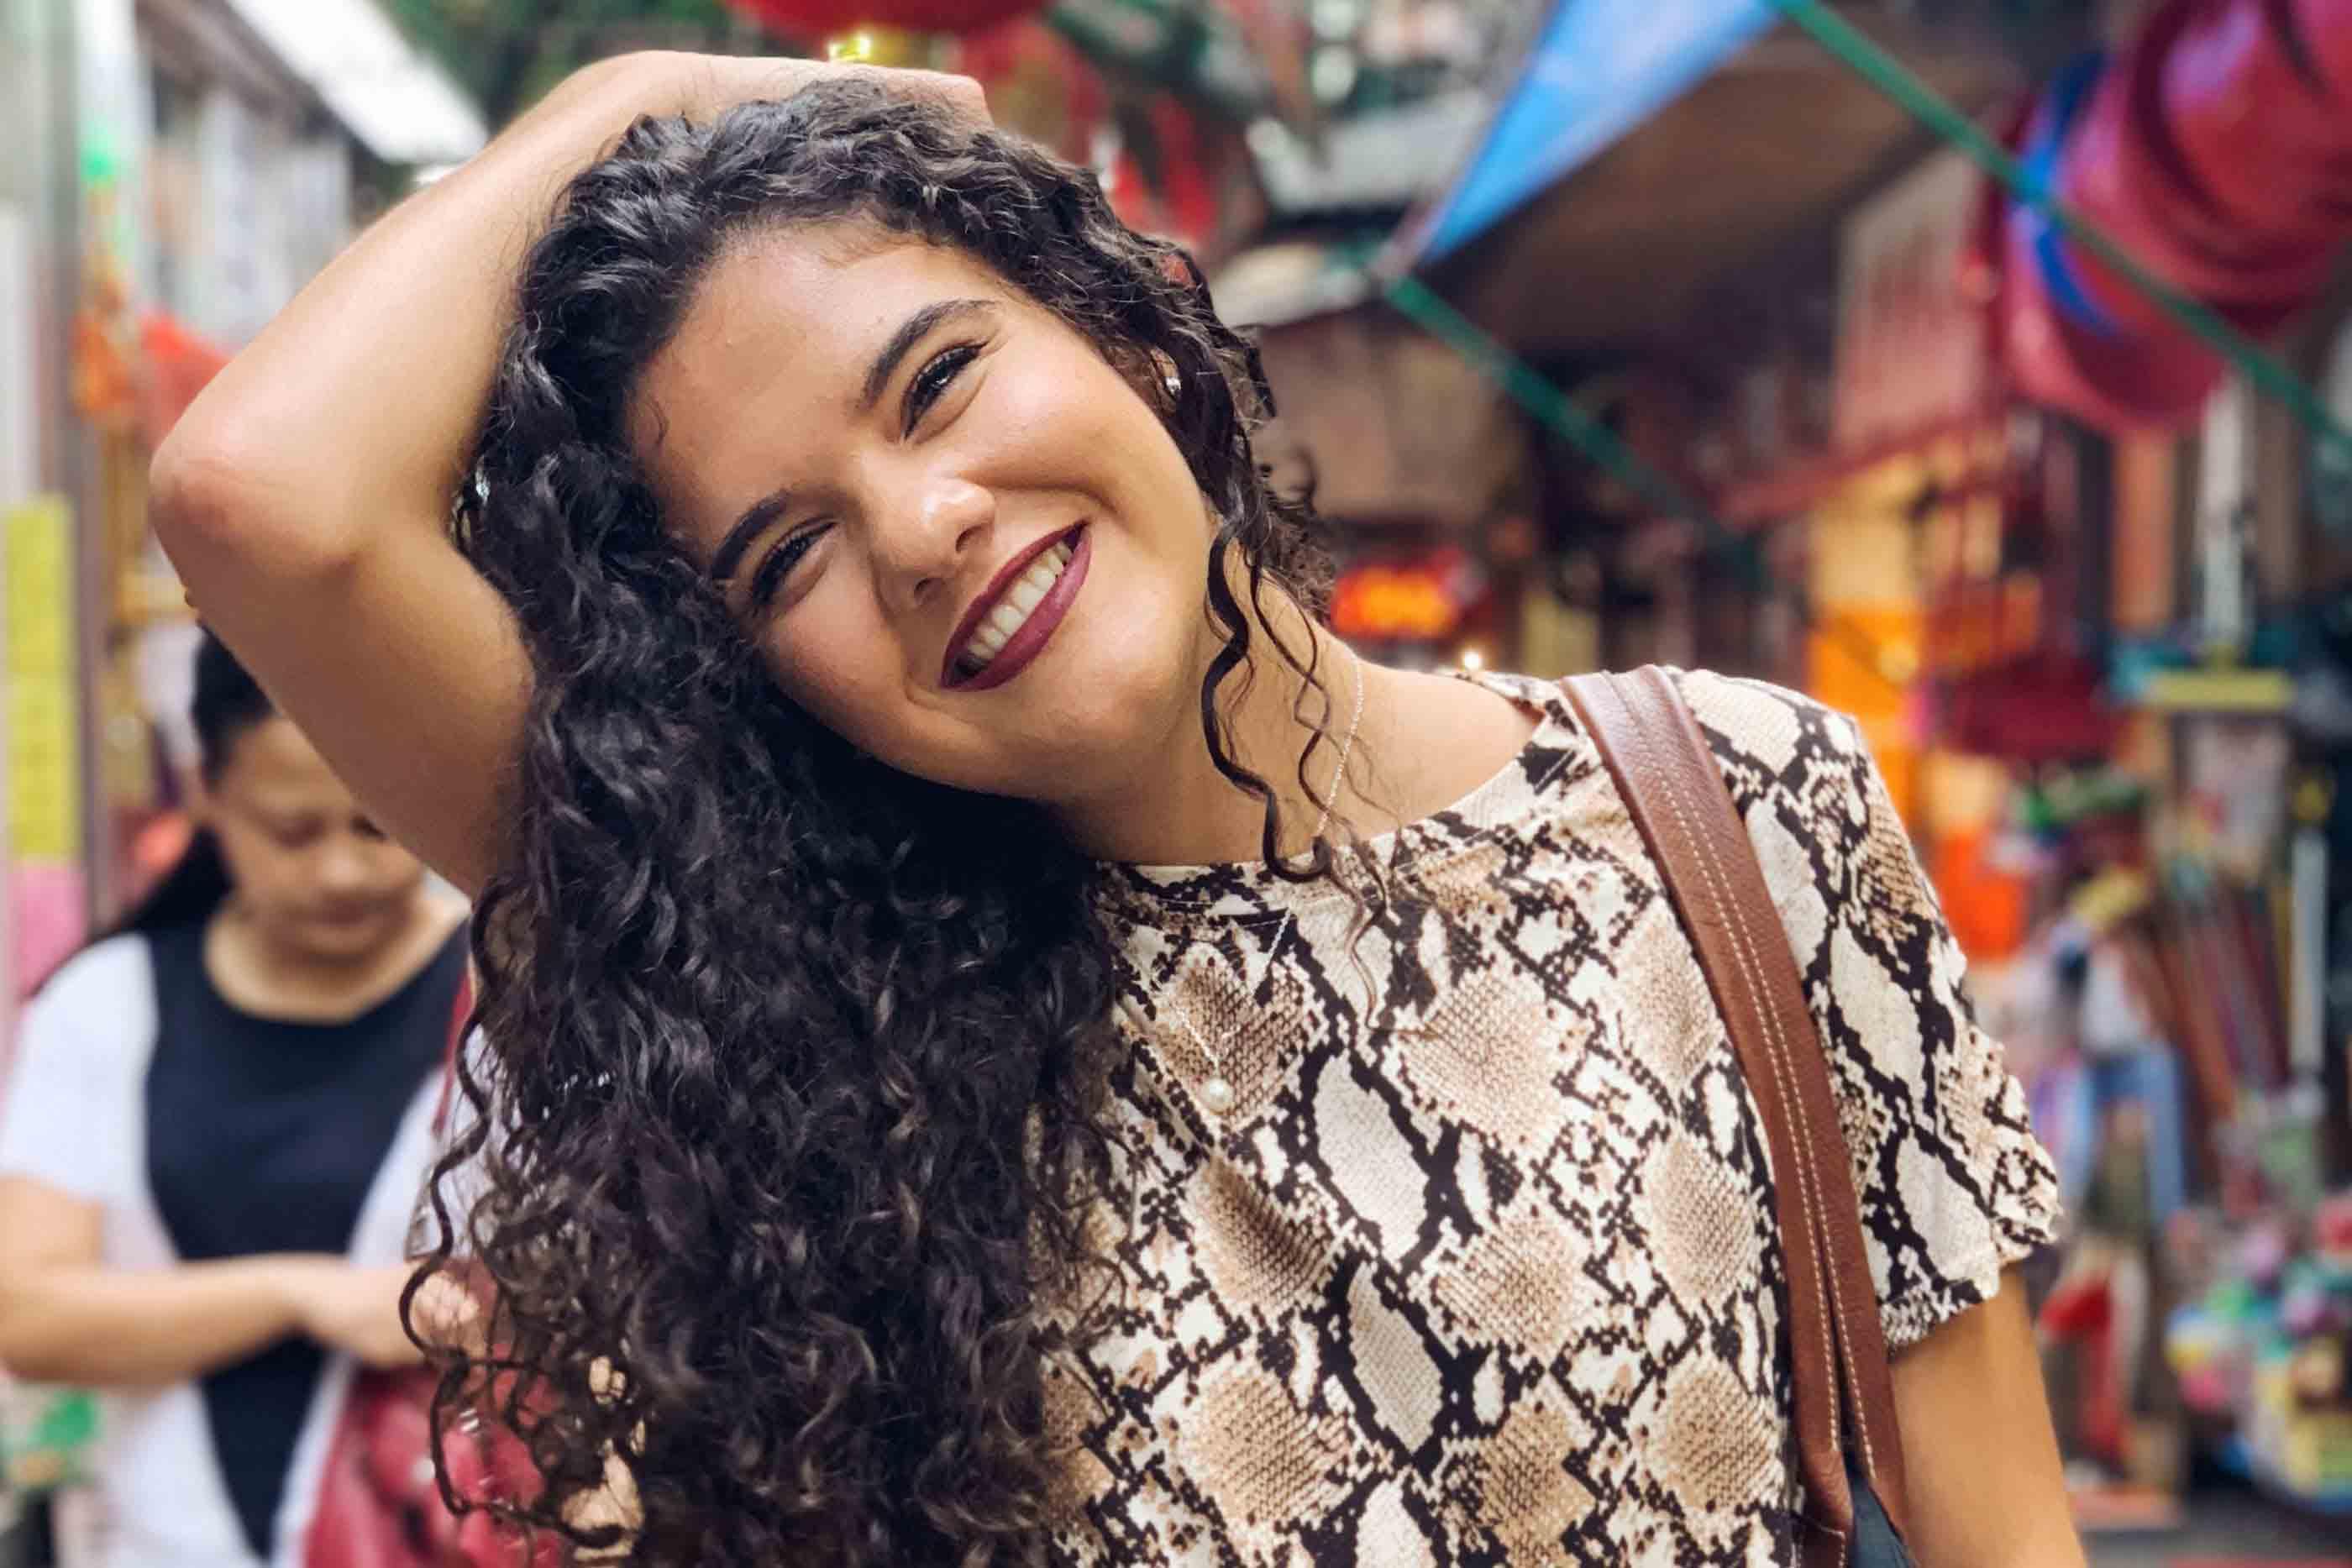 Raquel Jorge, a criadora do projeto, a sorrir num ambiente colorido